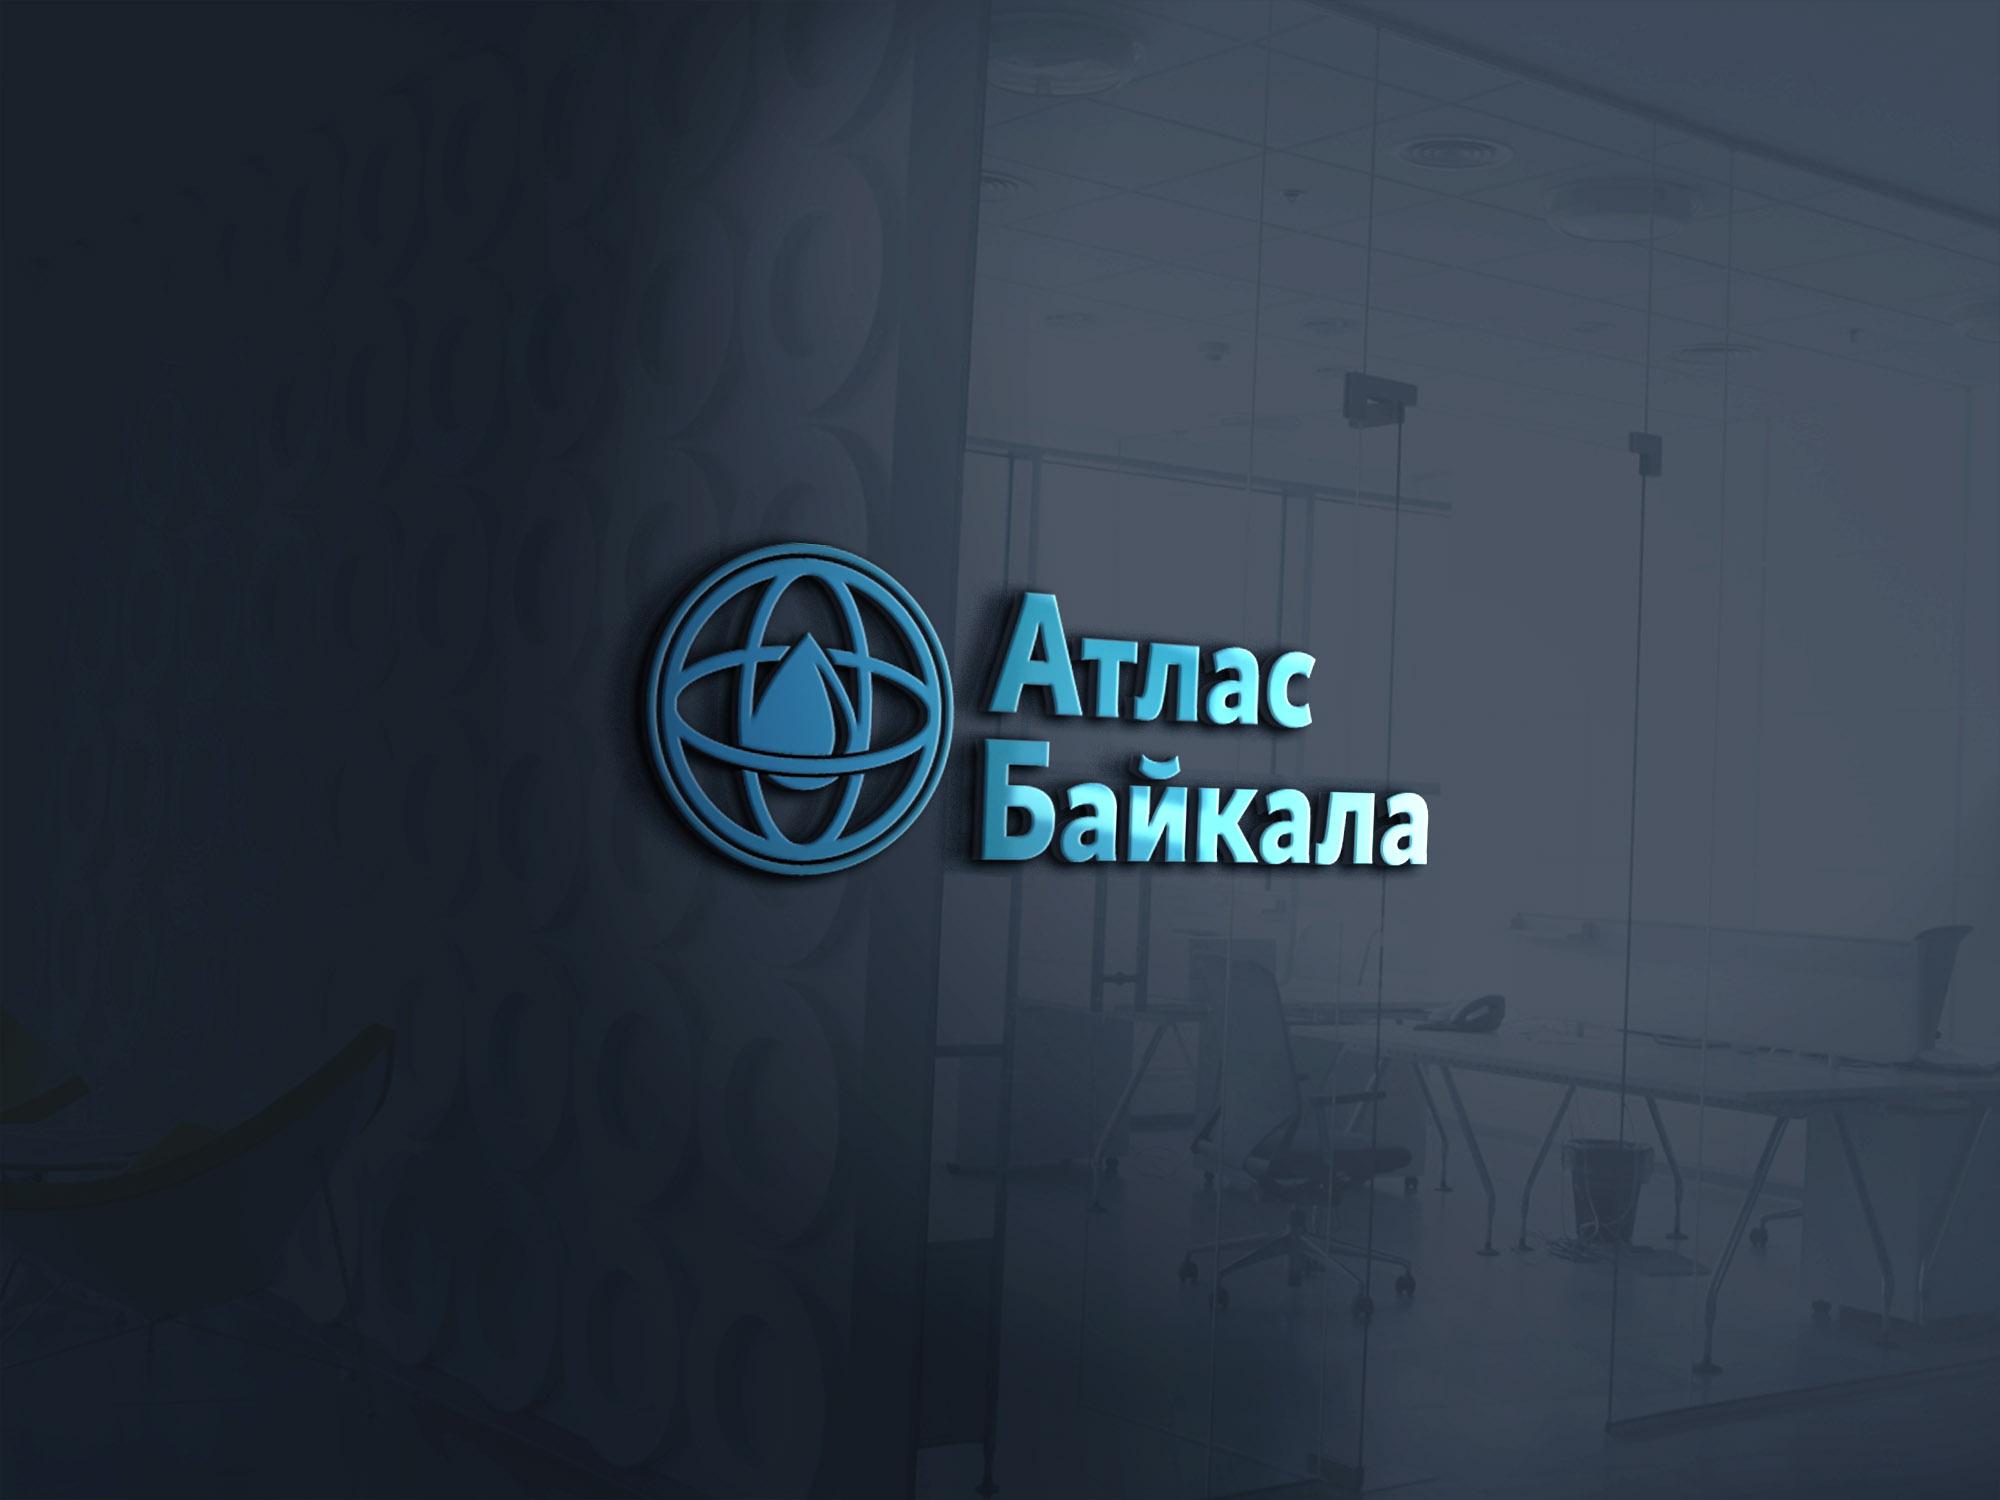 Разработка логотипа Атлас Байкала фото f_8375b022c262c4d2.jpg